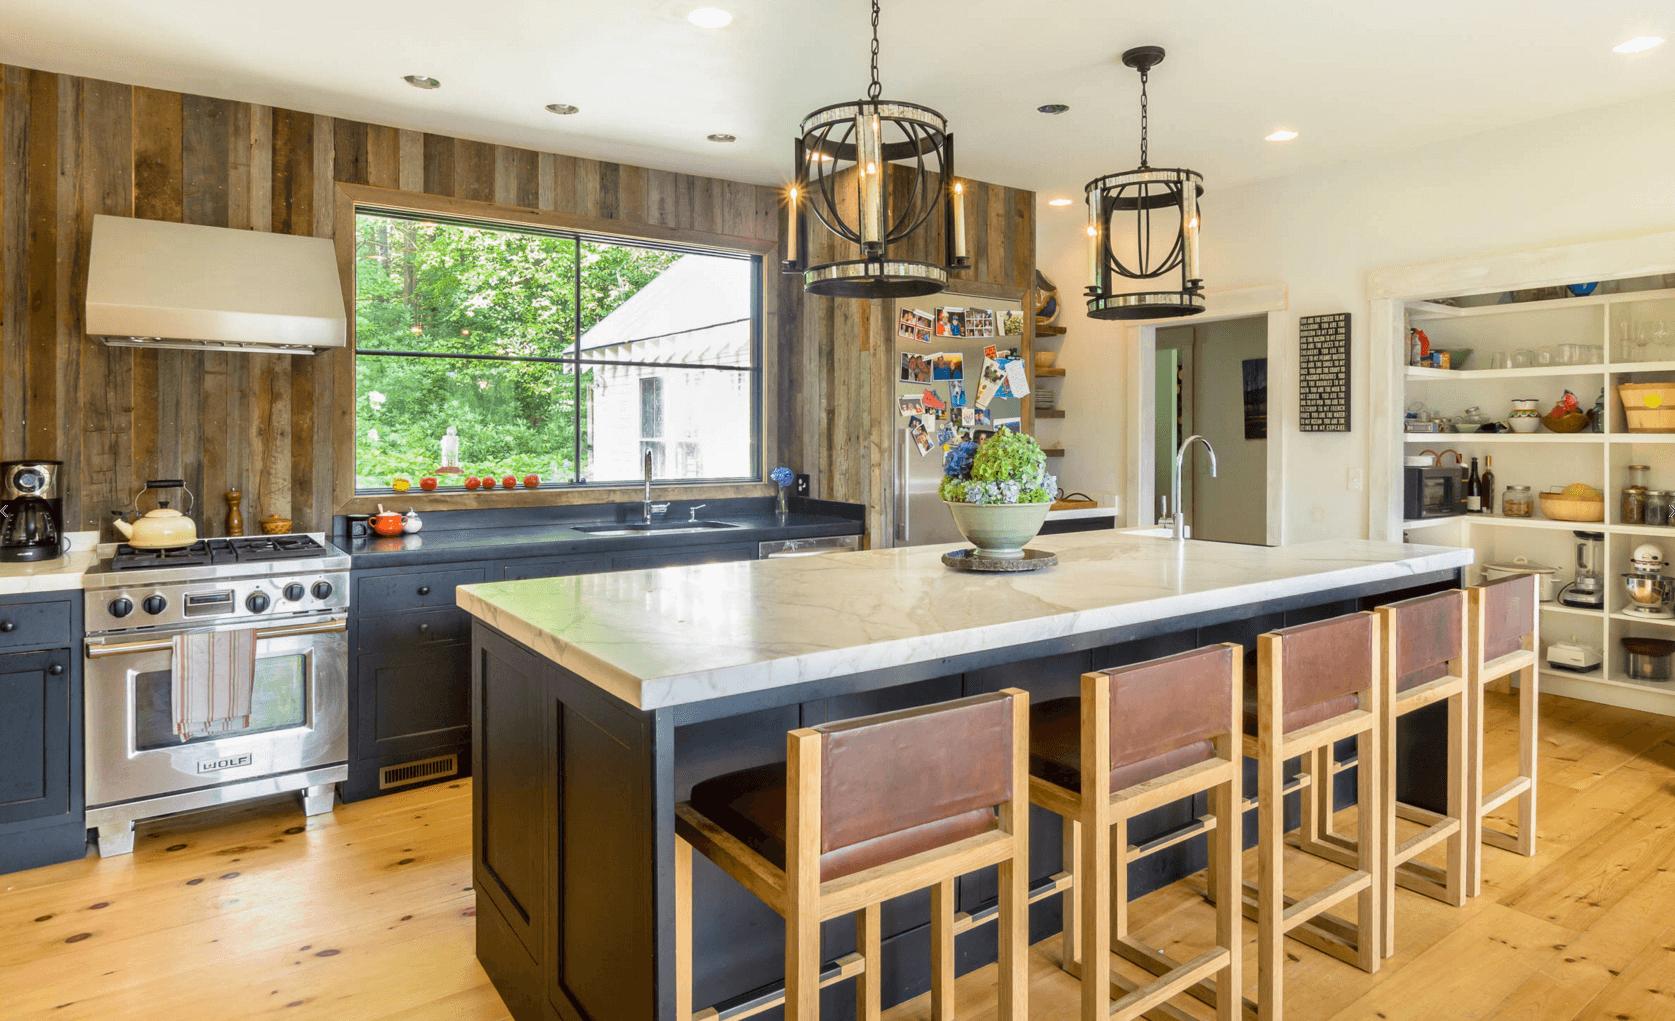 Идея дизайна фартука на кухню в деревенском стиле - фото 3